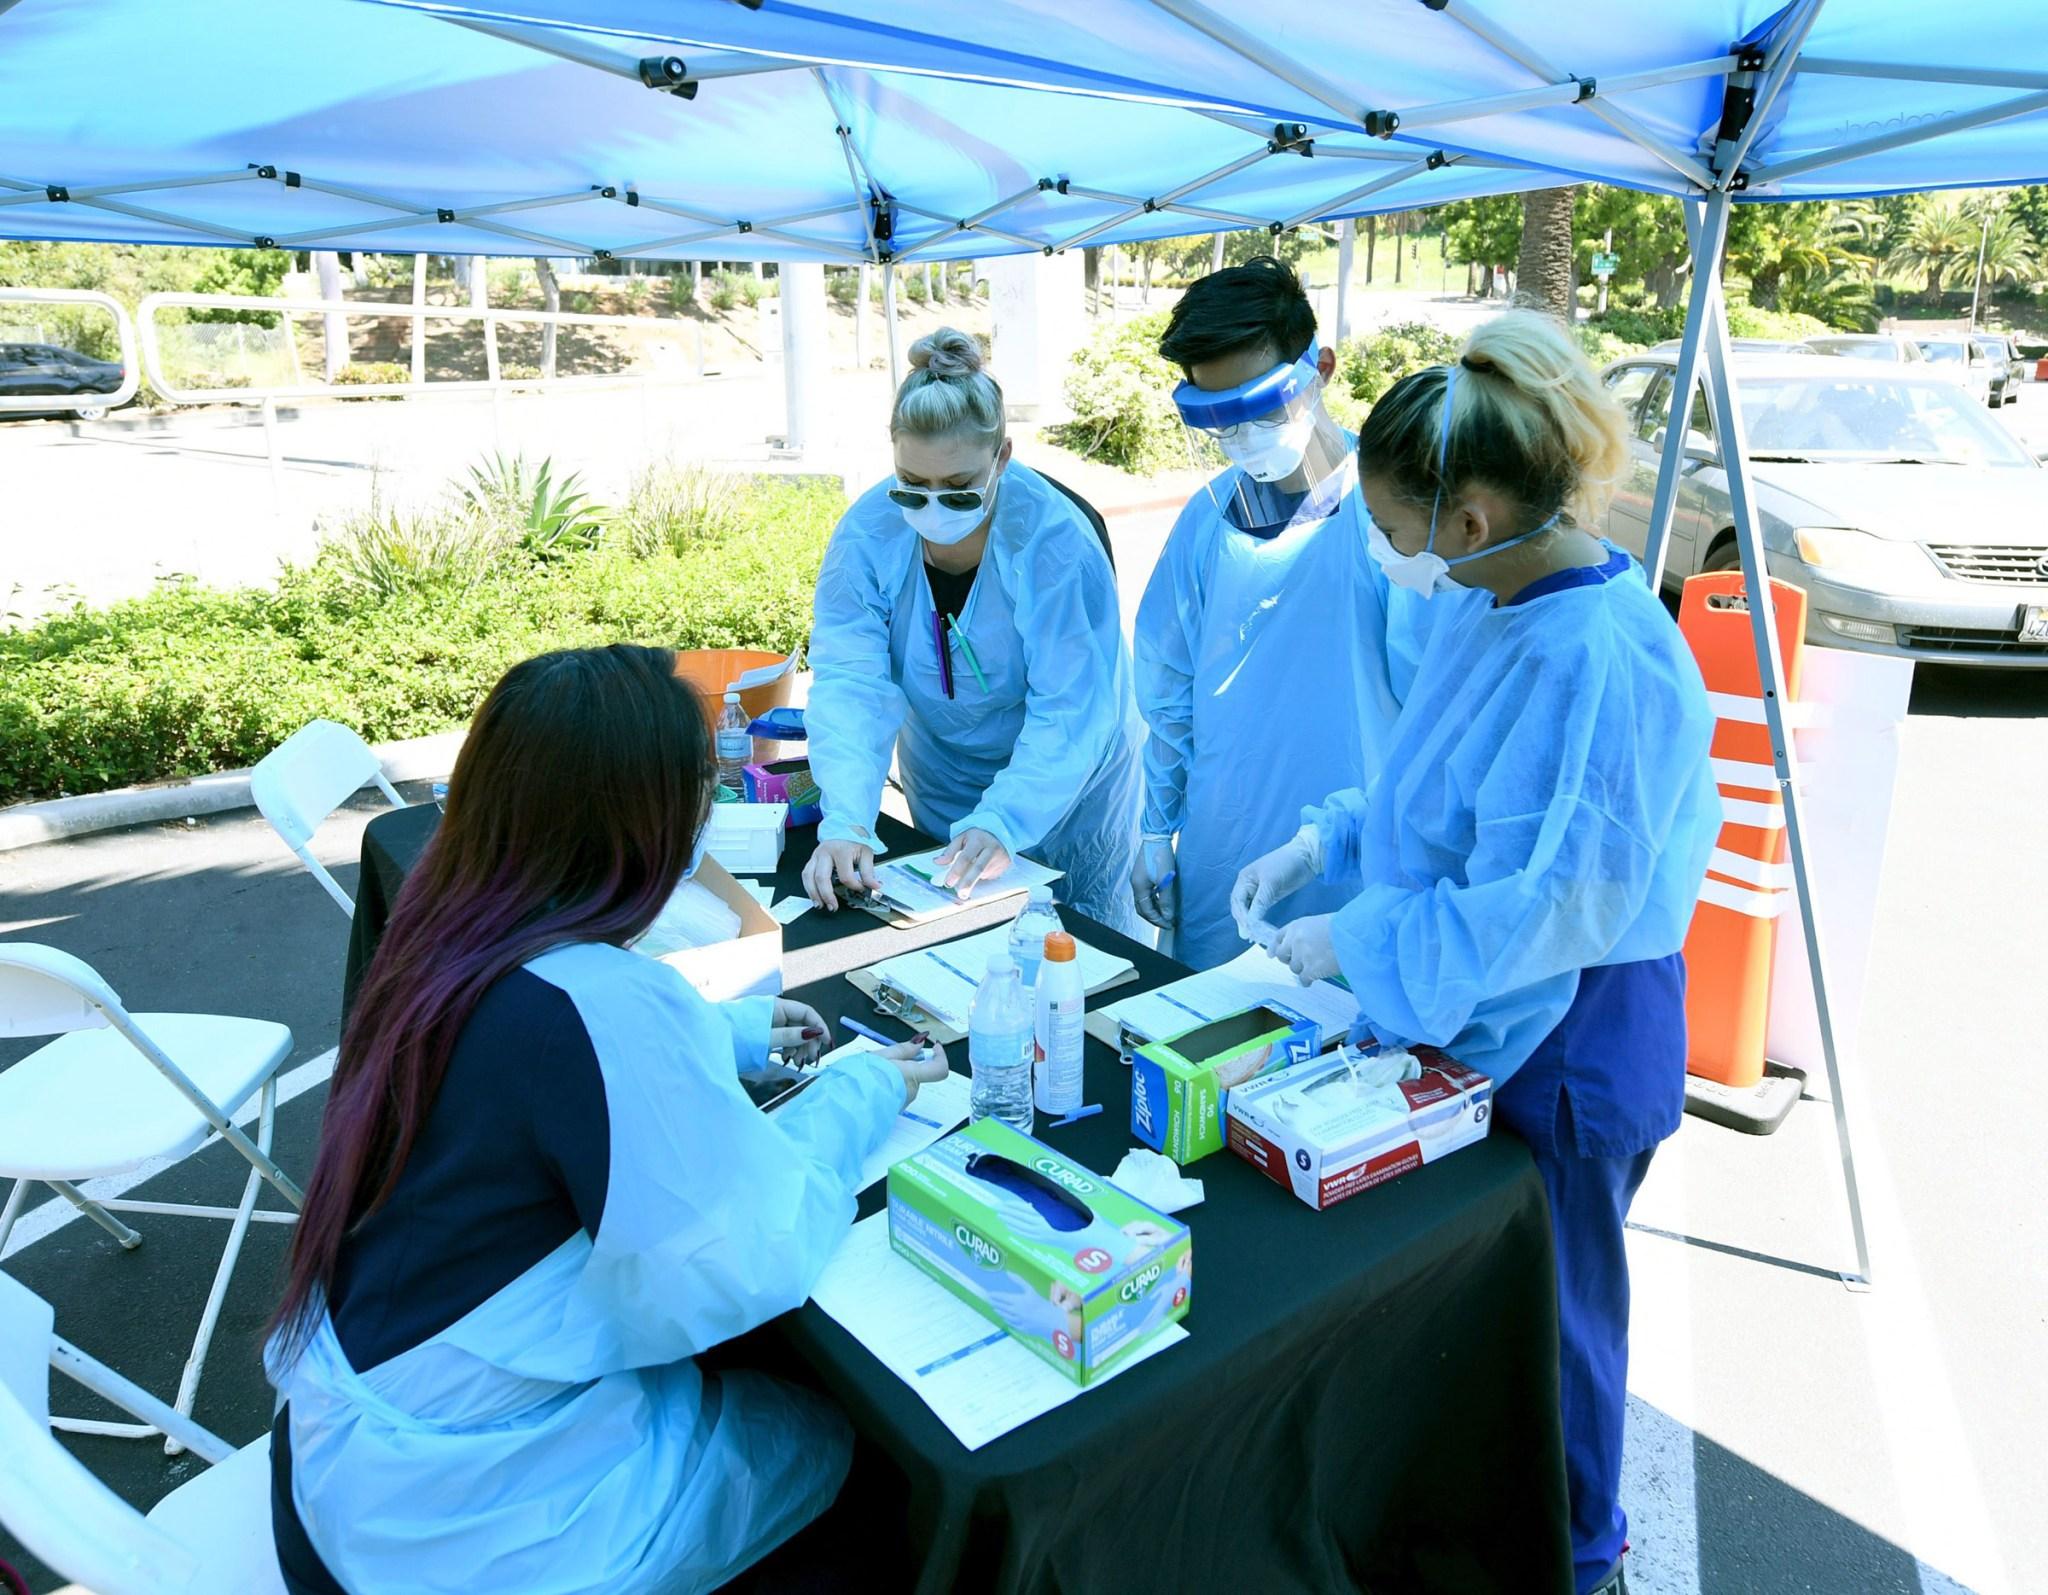 अमेरिकामा थप १ लाख ७२ हजारमा संक्रमण, संक्रमित बढेपछि क्यालिफोर्नियामा निषेधाज्ञा